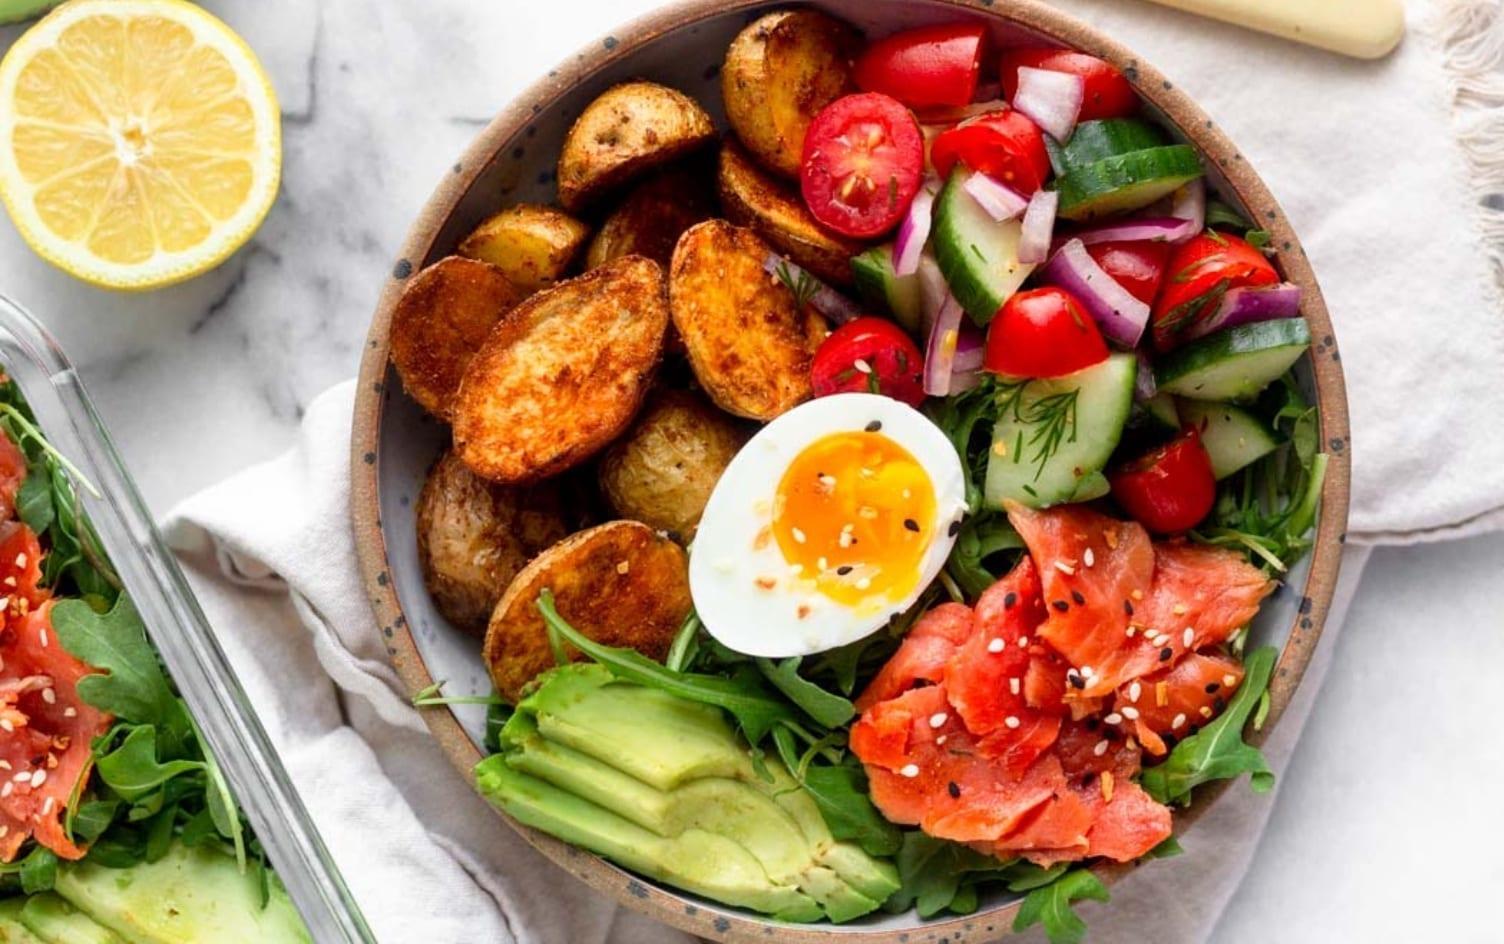 Nhược điểm của chế độ ăn trứng giảm cân